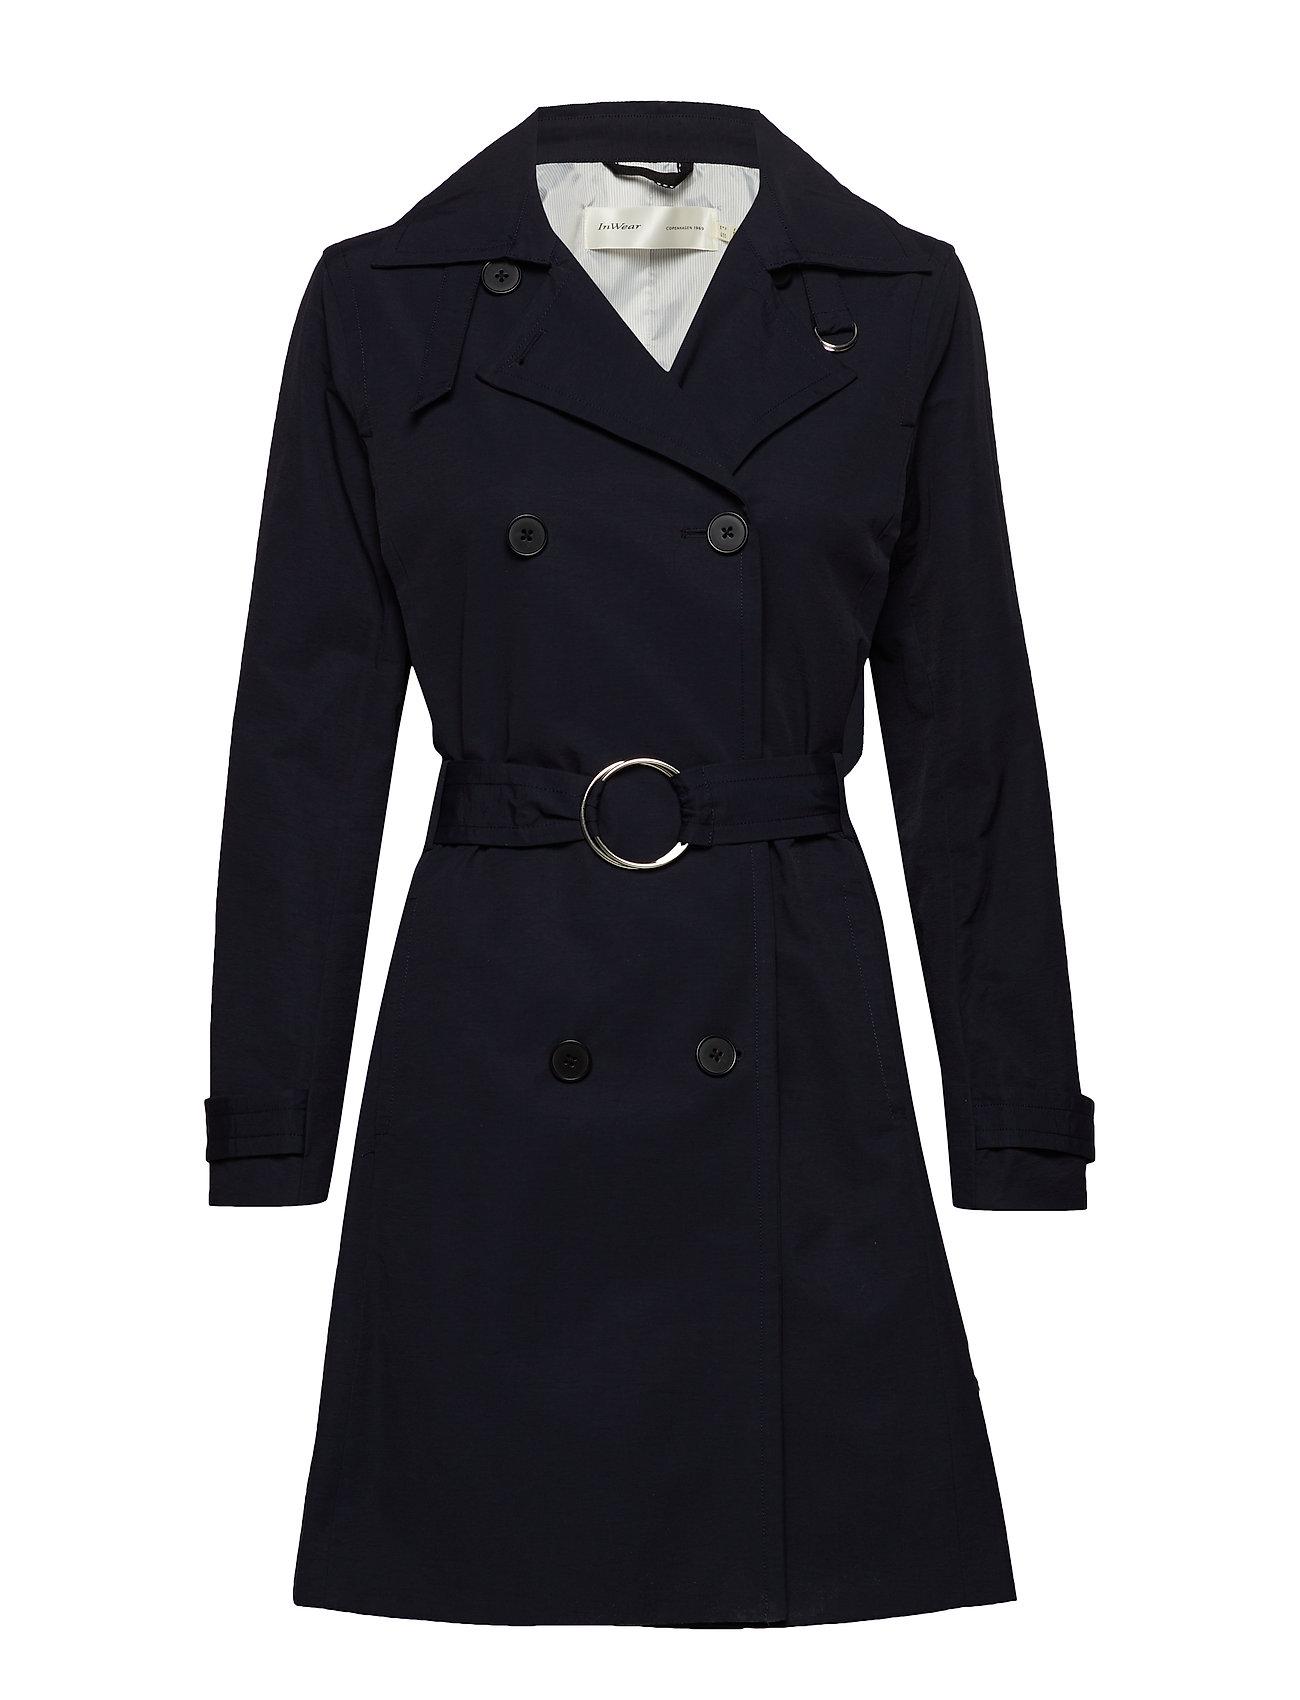 InWear Undine Coat - MARINE BLUE